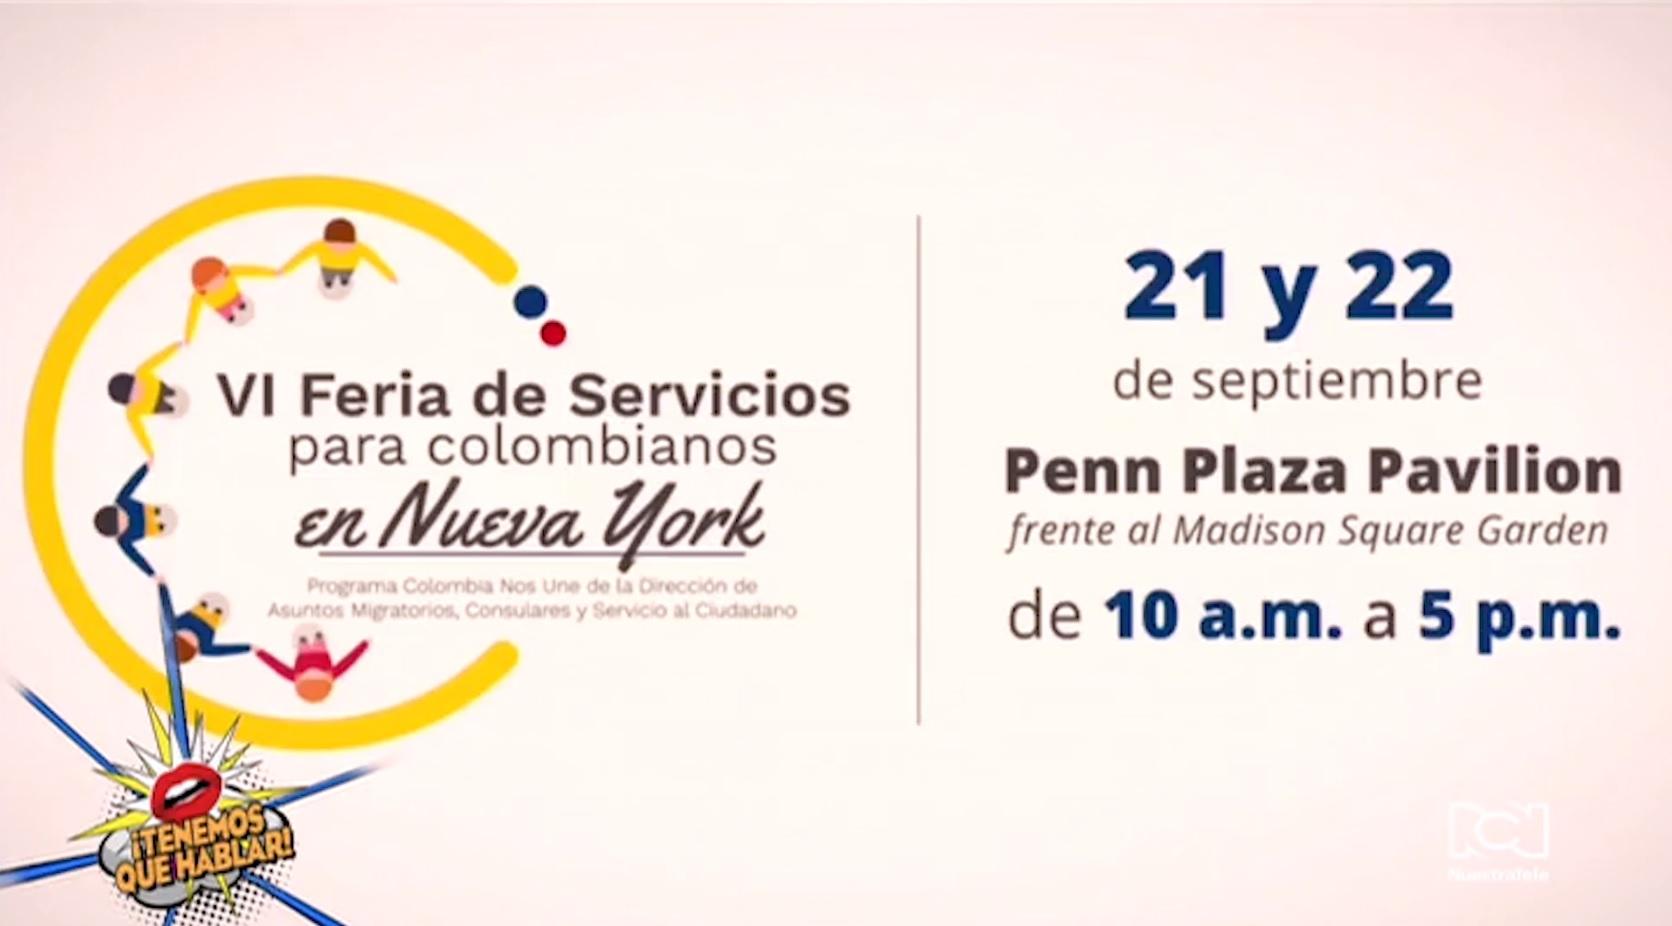 Talento de Nuestra Tele Internacional participará en la Feria de Servicios para colombianos en Nueva York